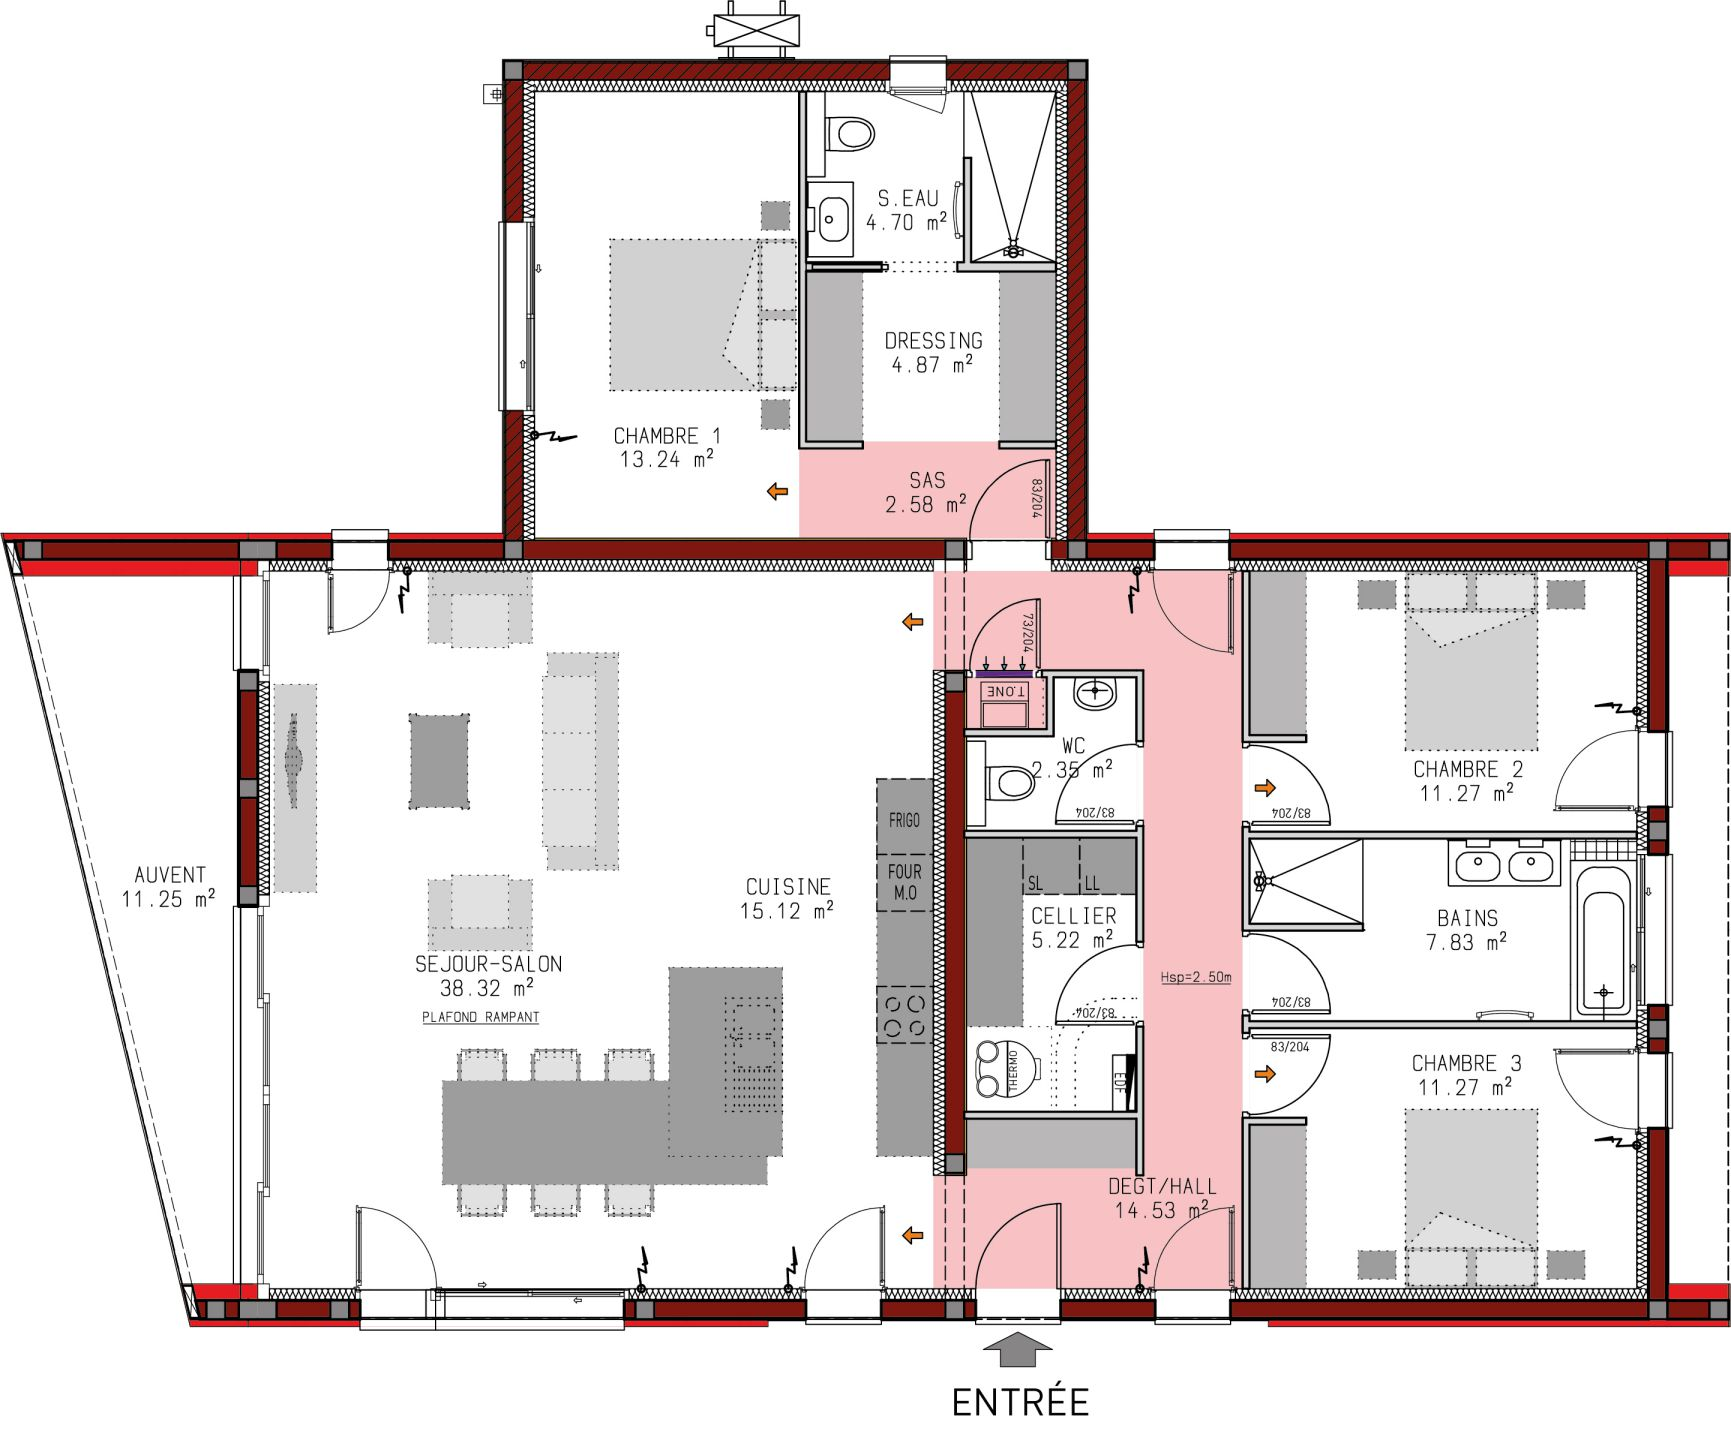 Image De Maison Moderne plans de maisons | igc construction